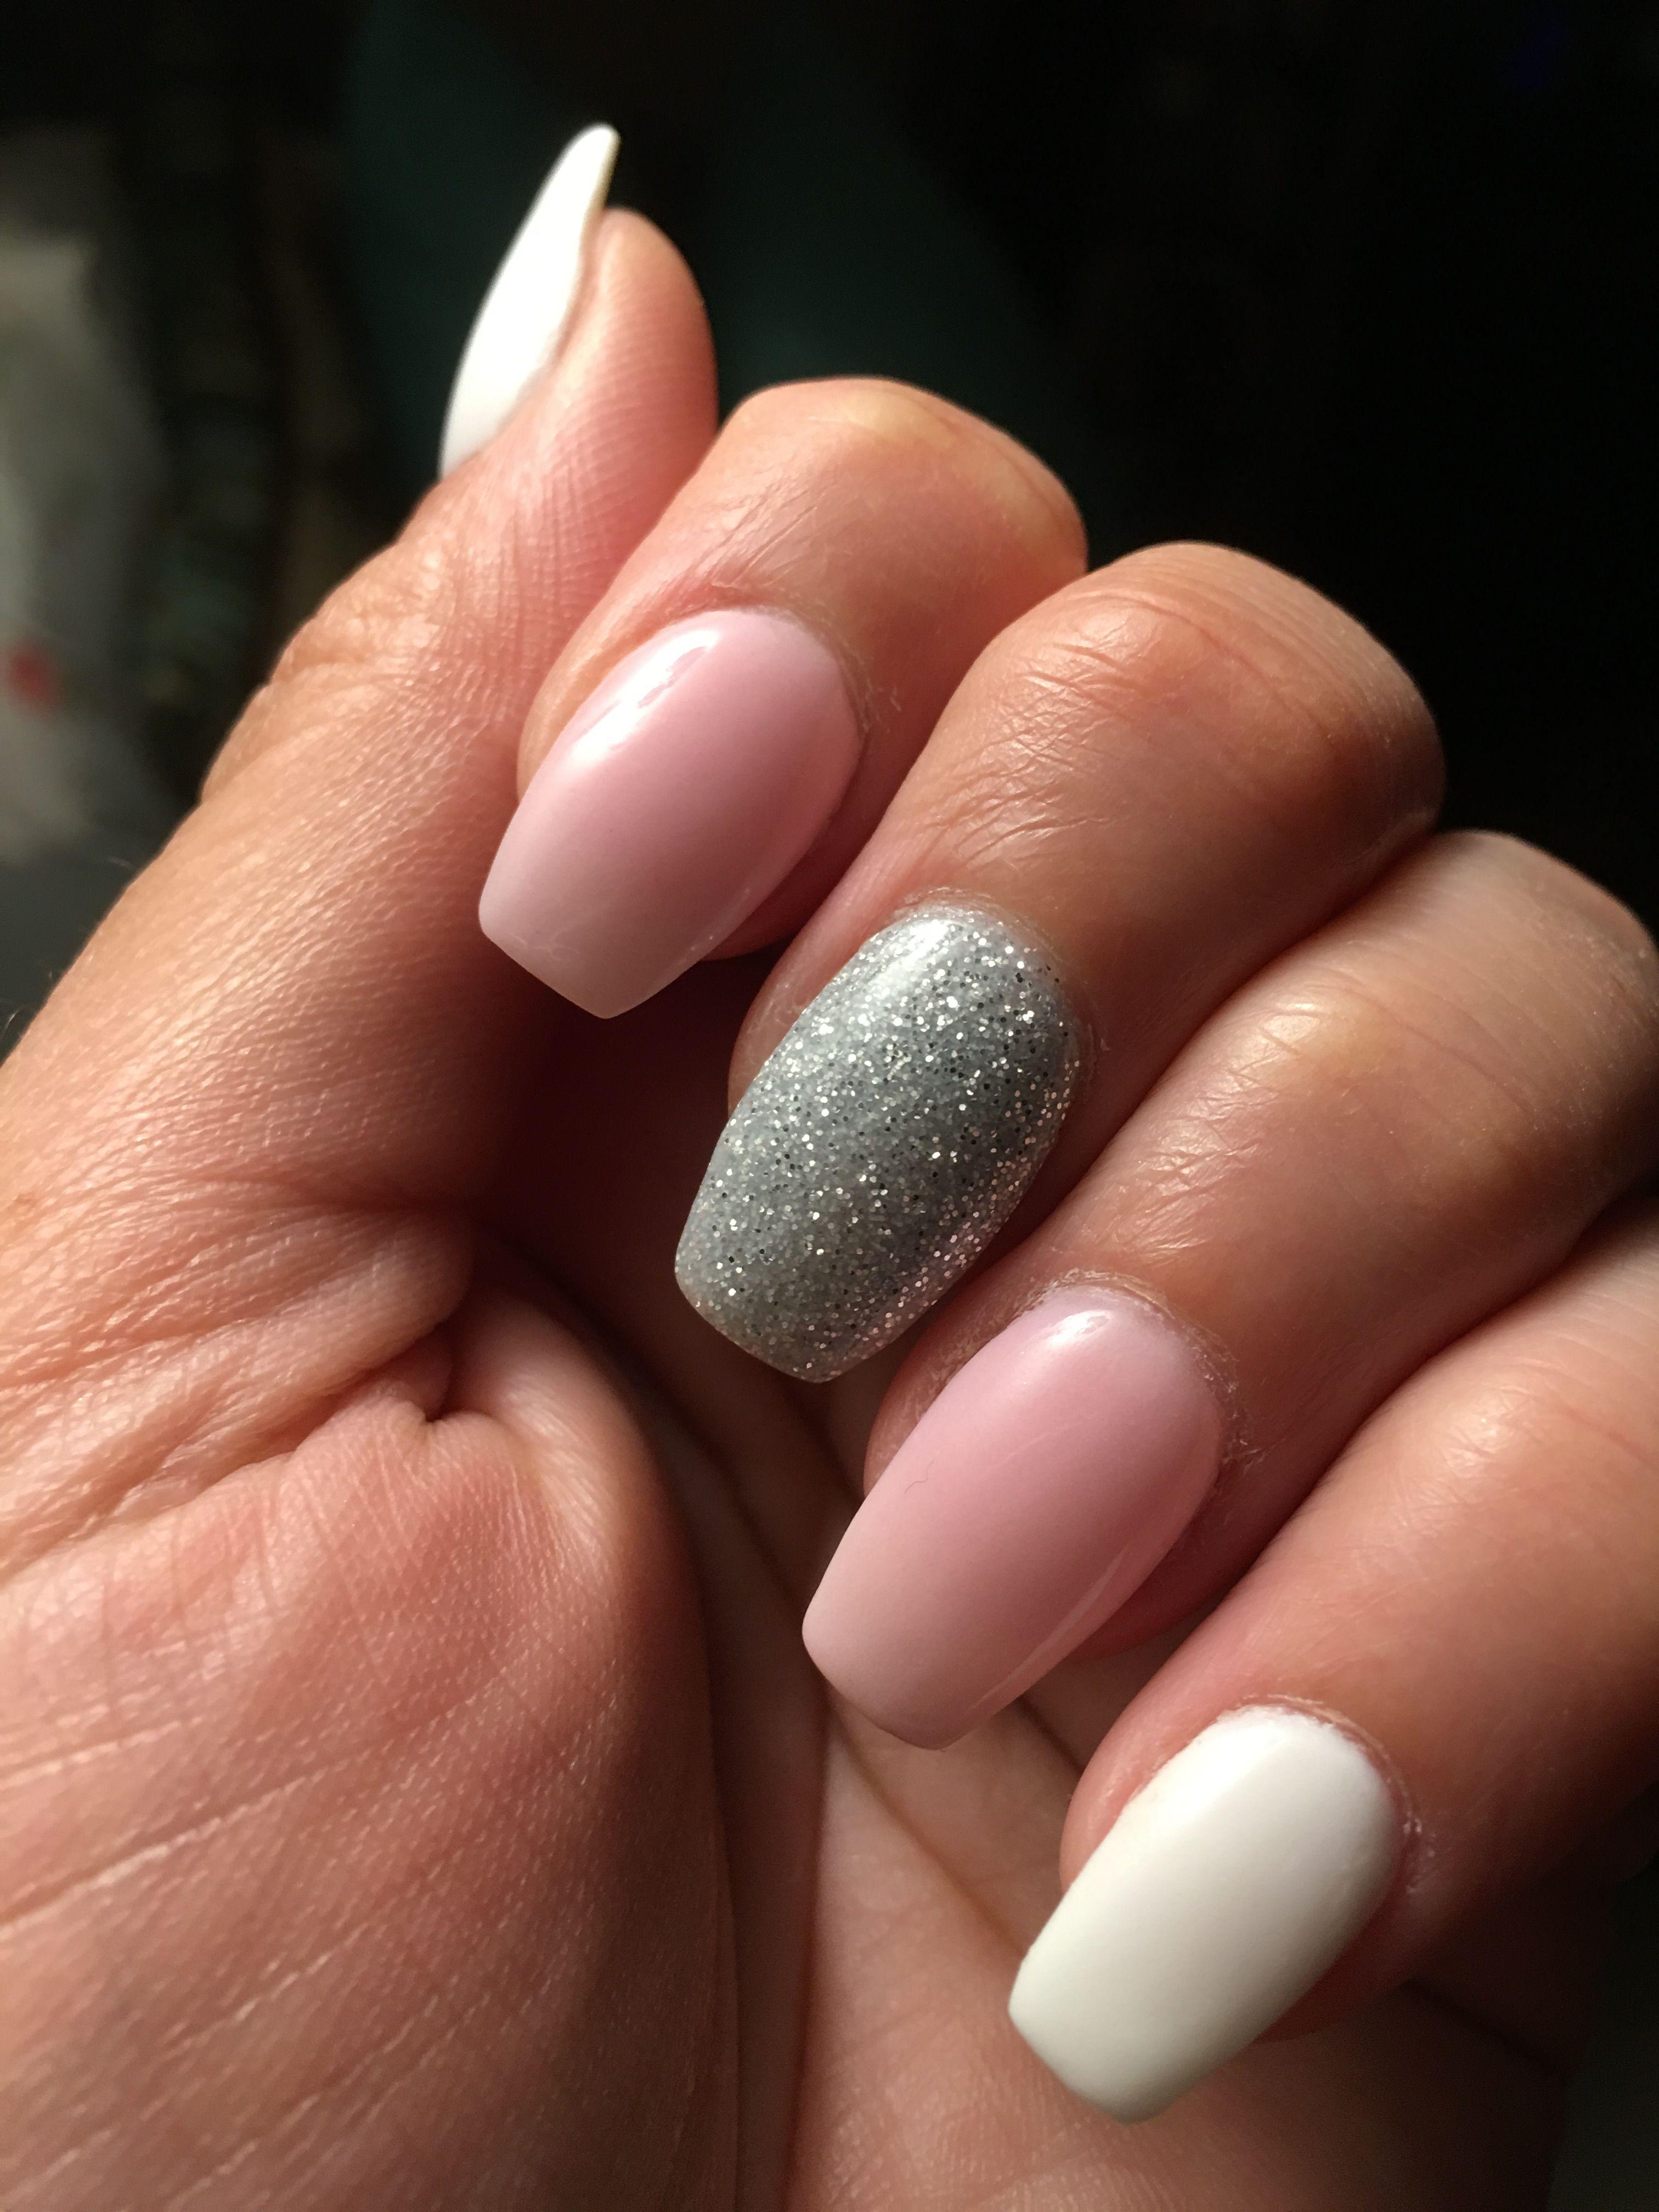 Nexgen Pink White Silver Glitter Coffin Nails Pretty Nails Glitter Nexgen Nails Glitter Tip Nails